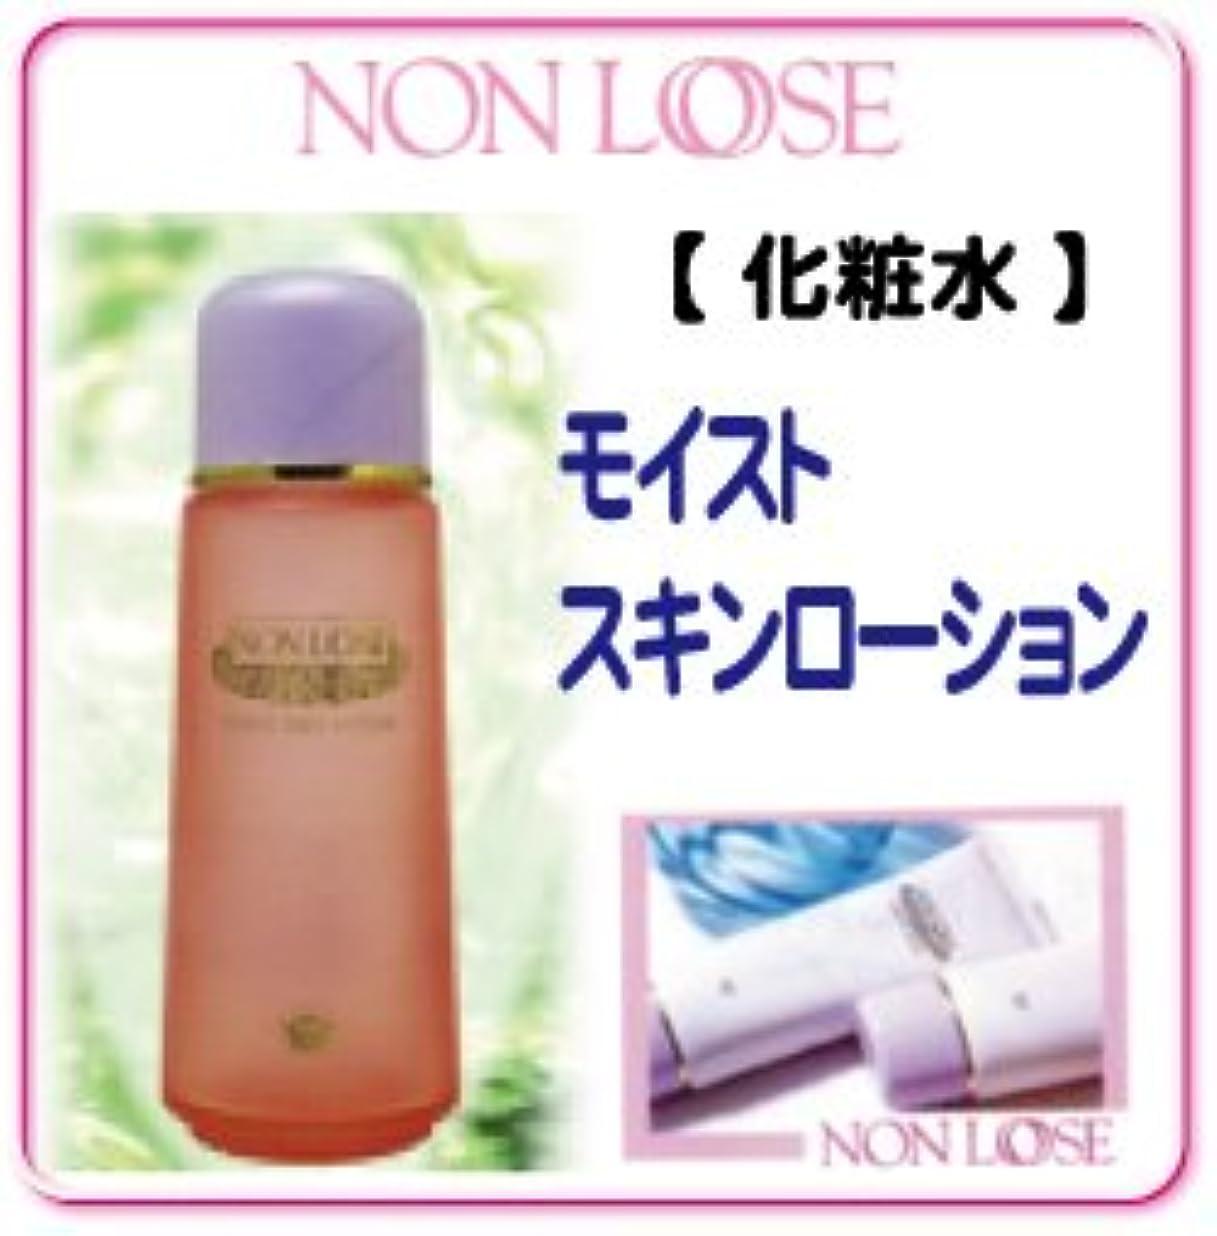 おめでとう不和手綱ベルマン化粧品:モイストスキンローション(120ml)